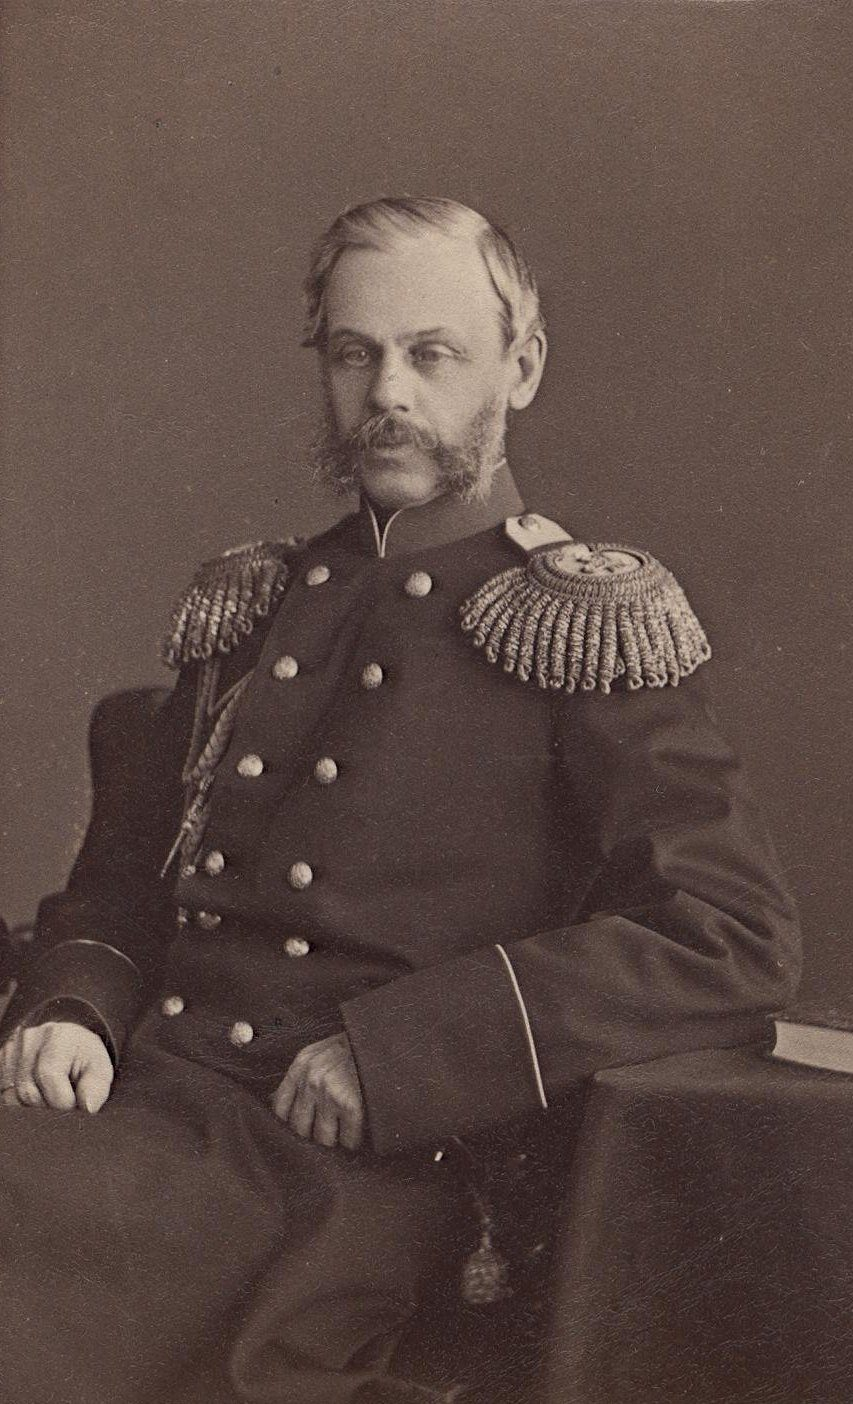 1870-е гг. Дмитрий Алексеевич Милютин (1816-1912), граф, военный министр